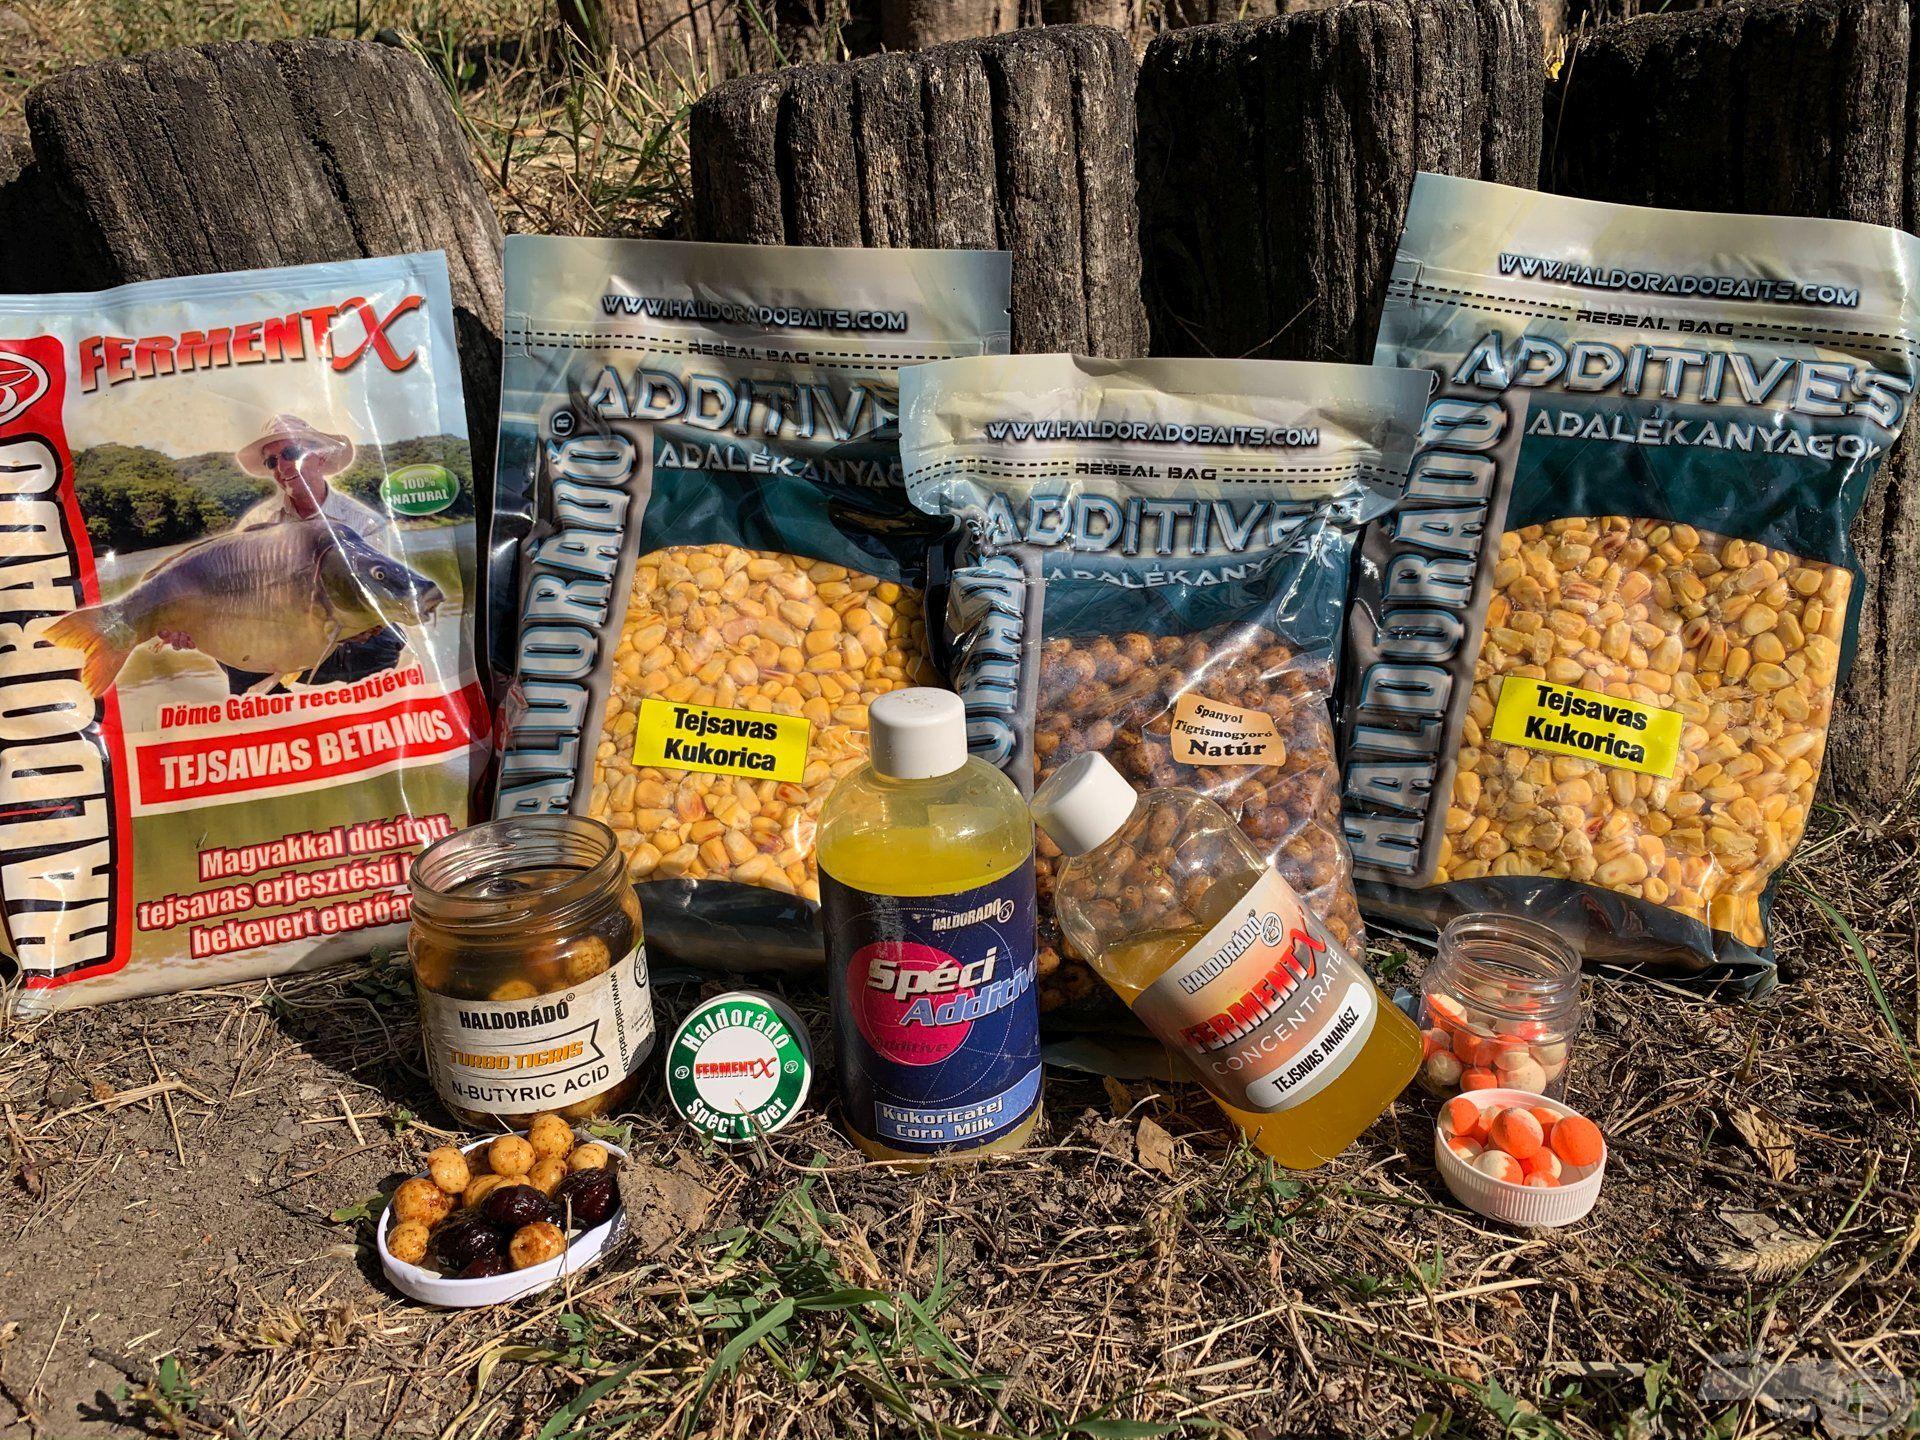 Etetésre 2 egység Tejsavas kukoricát, illetve 1 egység natúr tigrismogyorót használtunk, nyakon öntve SpéciAdditive Kukoricatejjel, illetve FermentX Concentrate Tejsavas Ananásszal